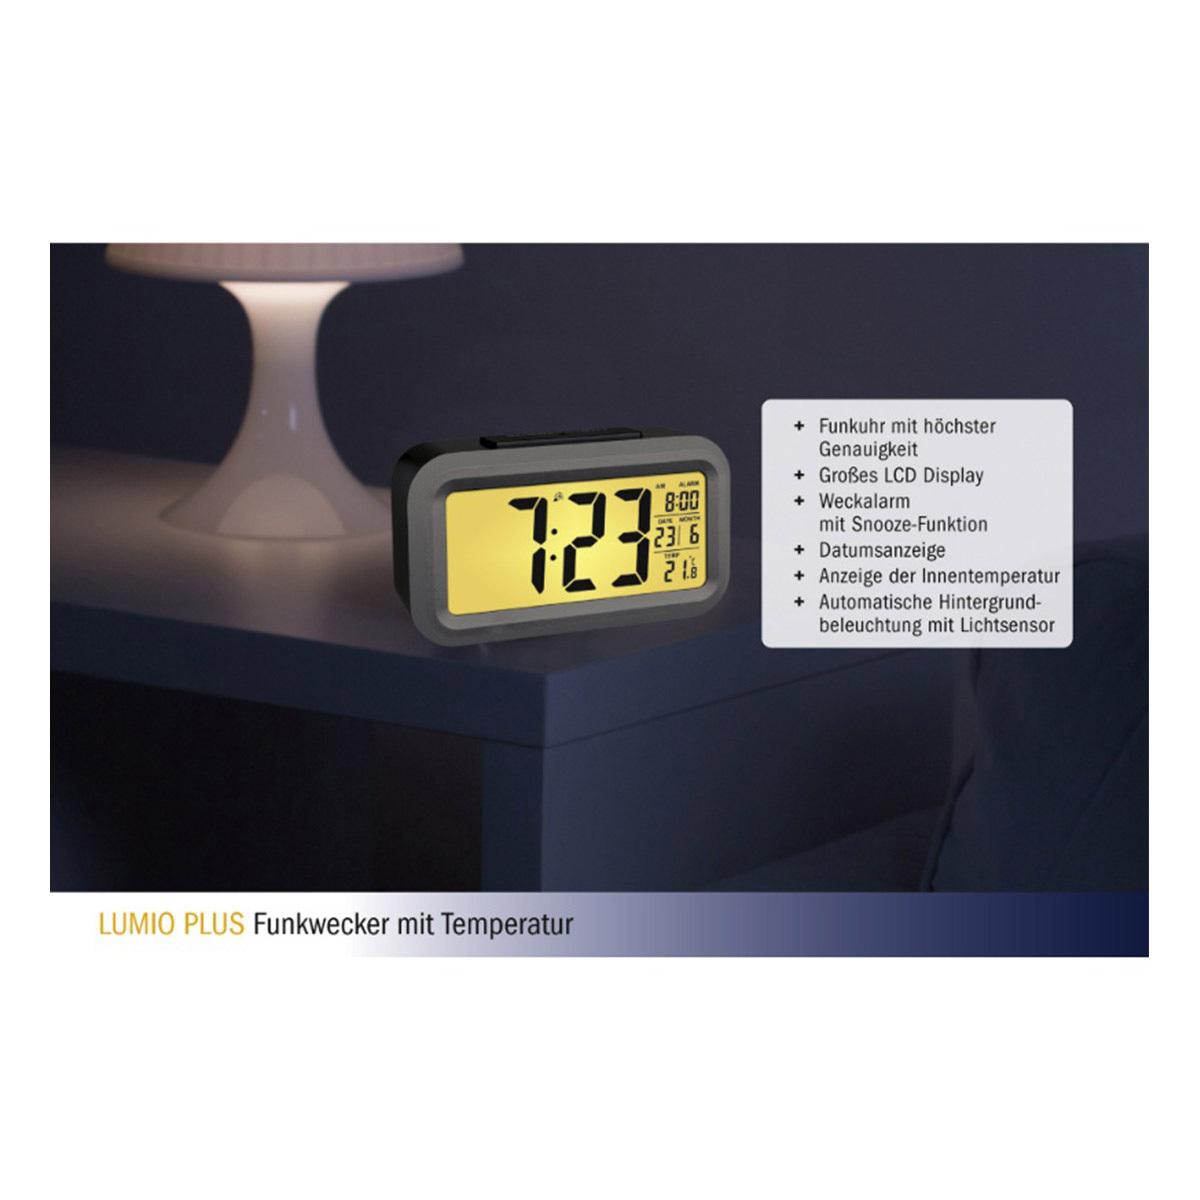 60-2553-01-digitaler-funk-wecker-mit-temperatur-lumio-plus-vorteile-1200x1200px.jpg